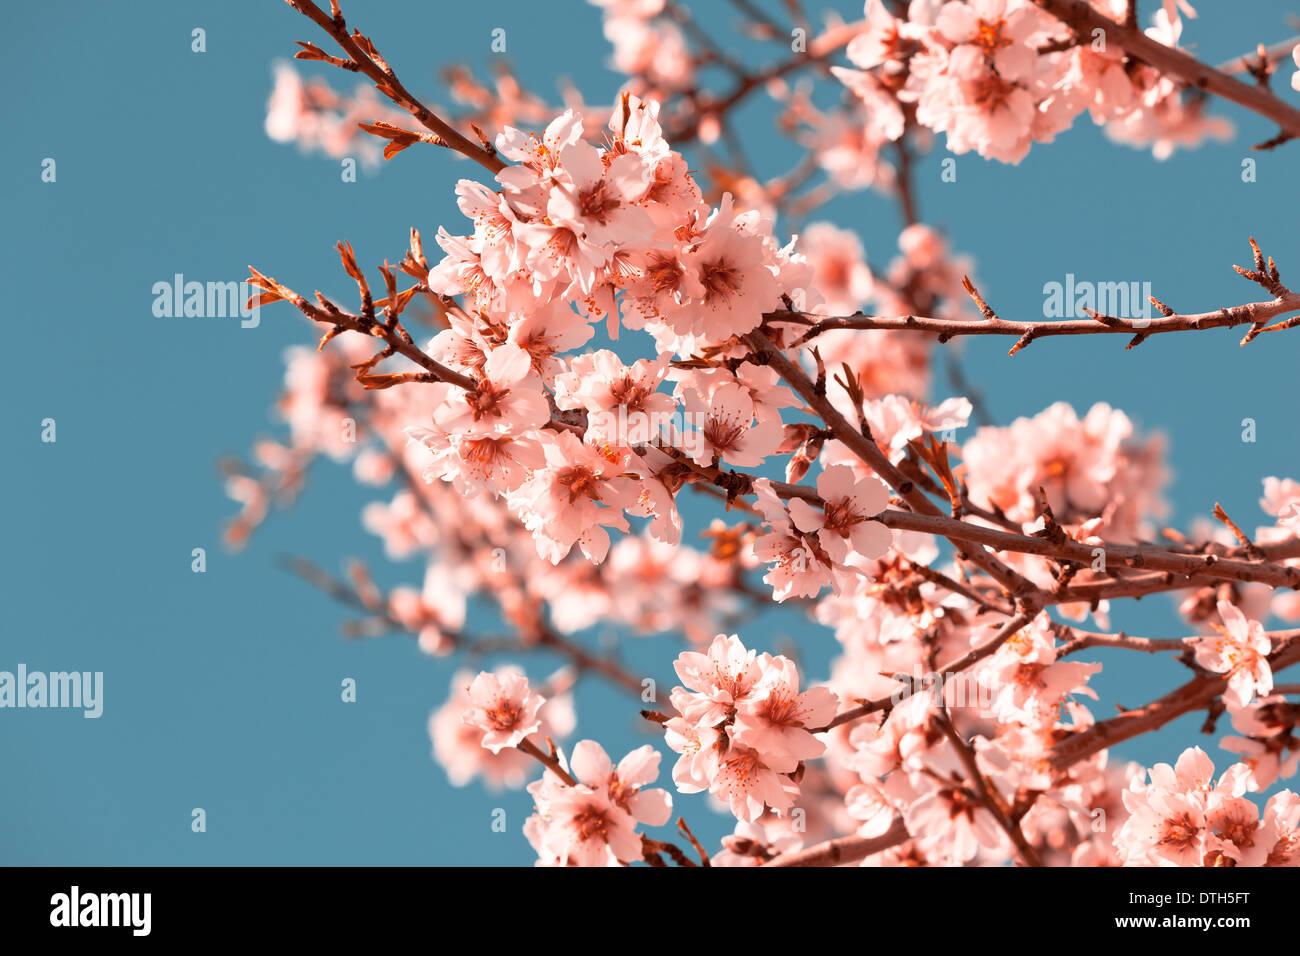 Fiori Di Colore Rosa Fioritura Di Pesco In Primavera Luminoso Cielo